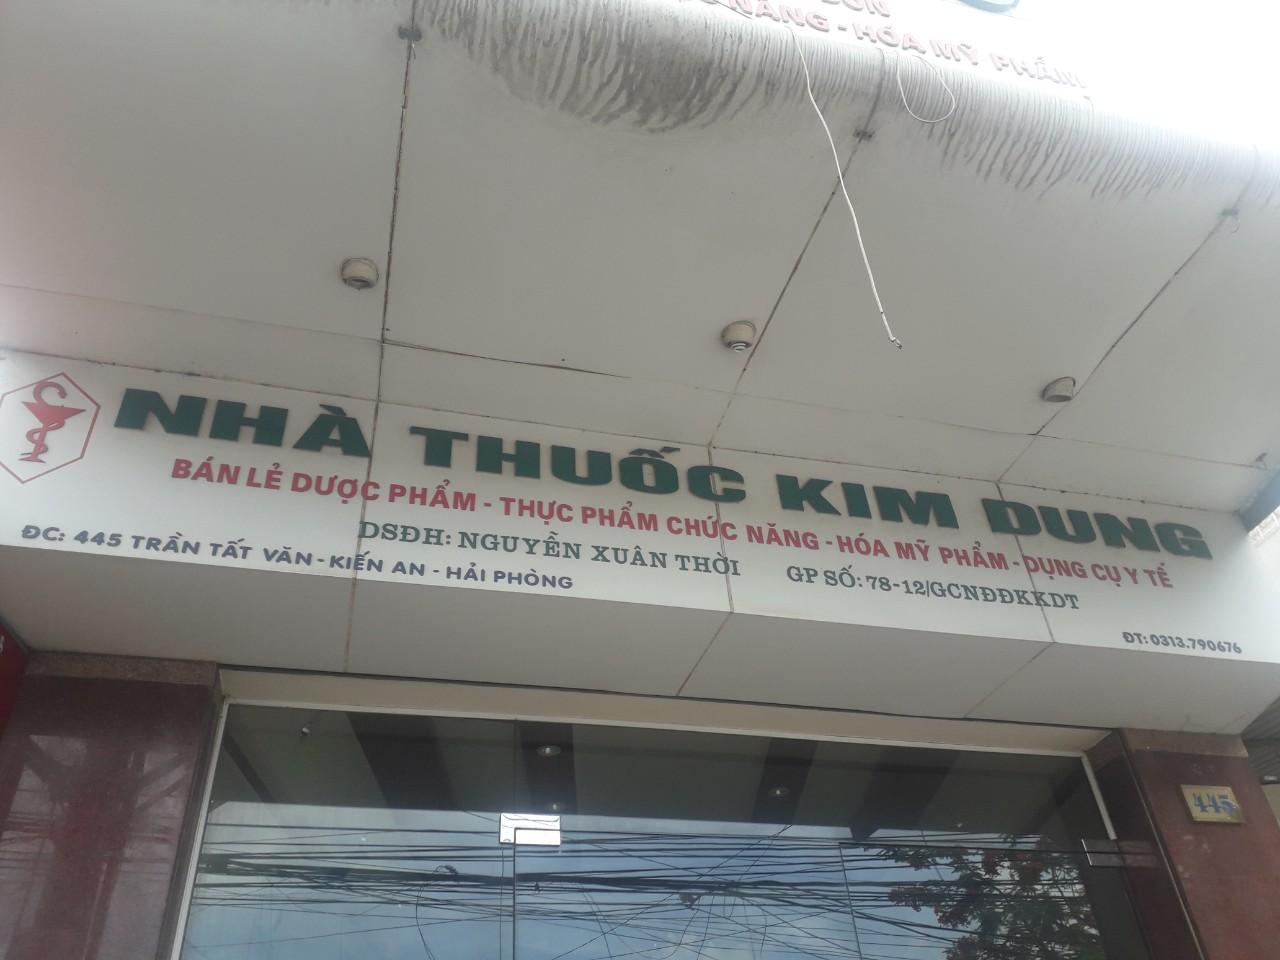 NT Kim Dung